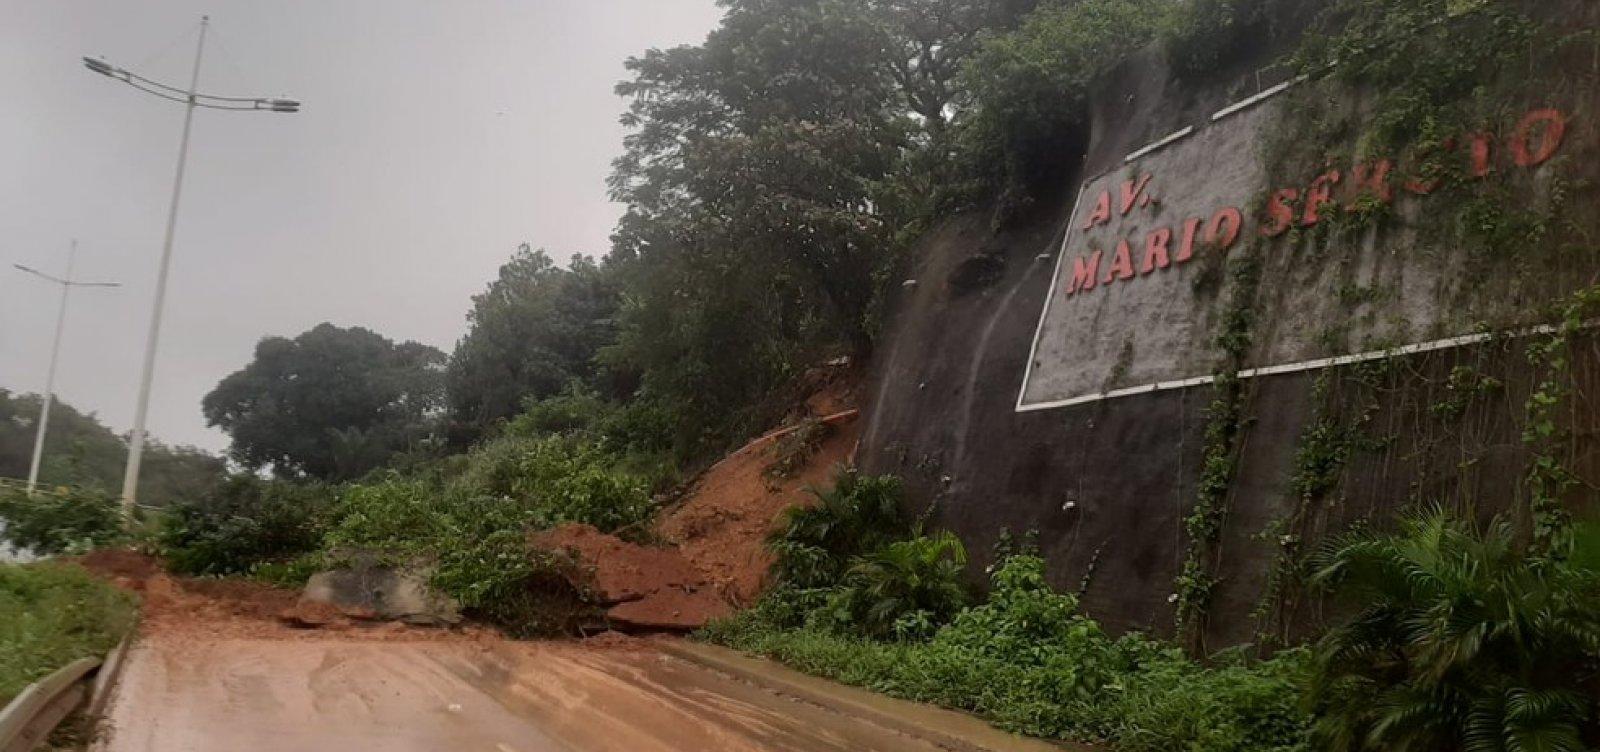 Após chuvas, deslizamento de terra interdita via que liga Av. Paralela ao Barradão